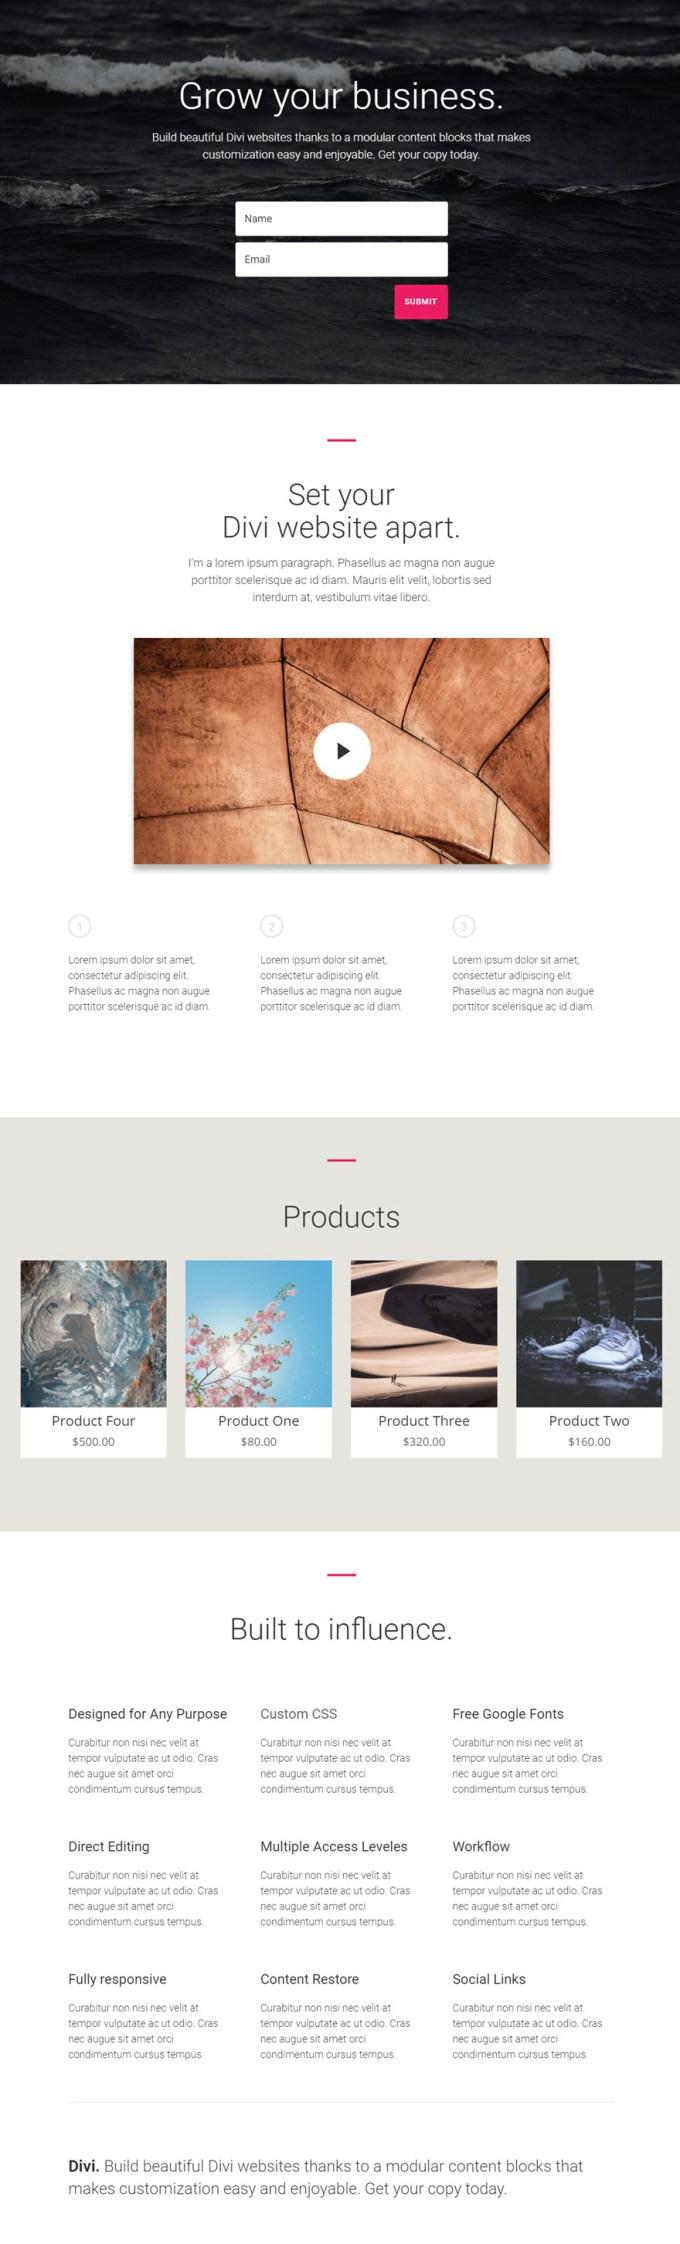 exibir produtos em uma página de accel divi.jpg